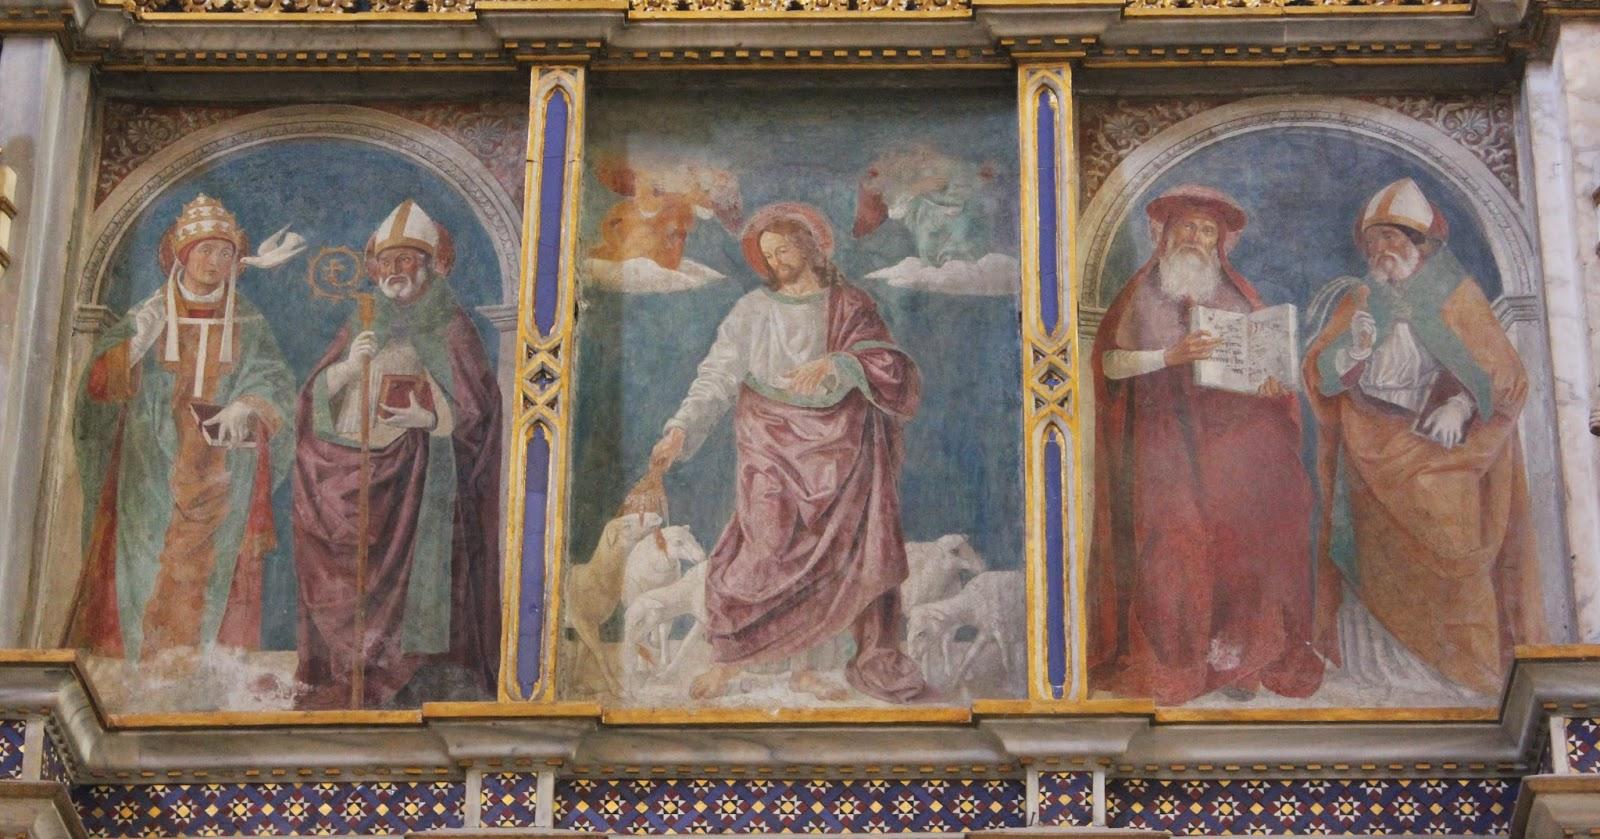 1475-99 Antoniazzo Romano Bon pasteur St. Gregoire Augustine, Jerome Ambroise Basilica di S. Giovanni in Laterano,